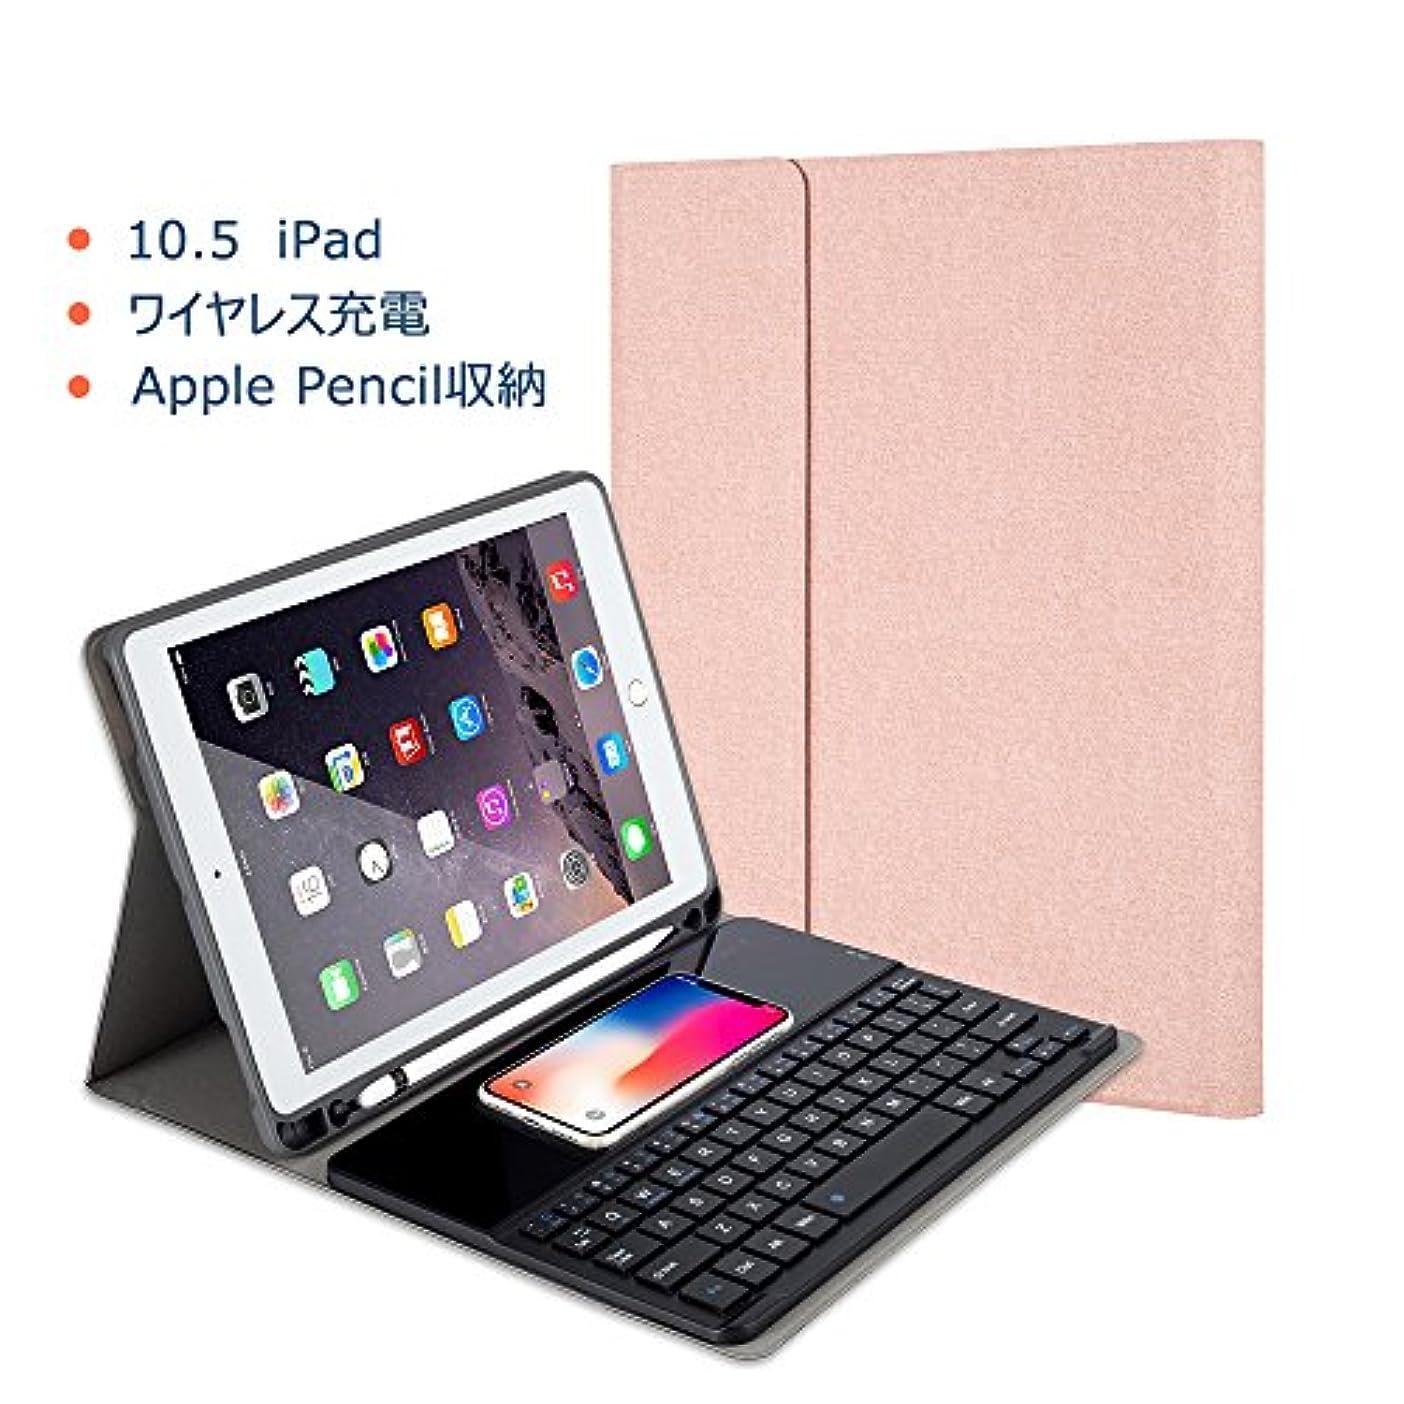 ゴシップ自伝情熱iPad Pro 10.5 キーボード ケース ワイヤレス充電 Apple Pencil収納 10.5ワイヤレスキーボード付きケース 分離式カバー(ゴールド)